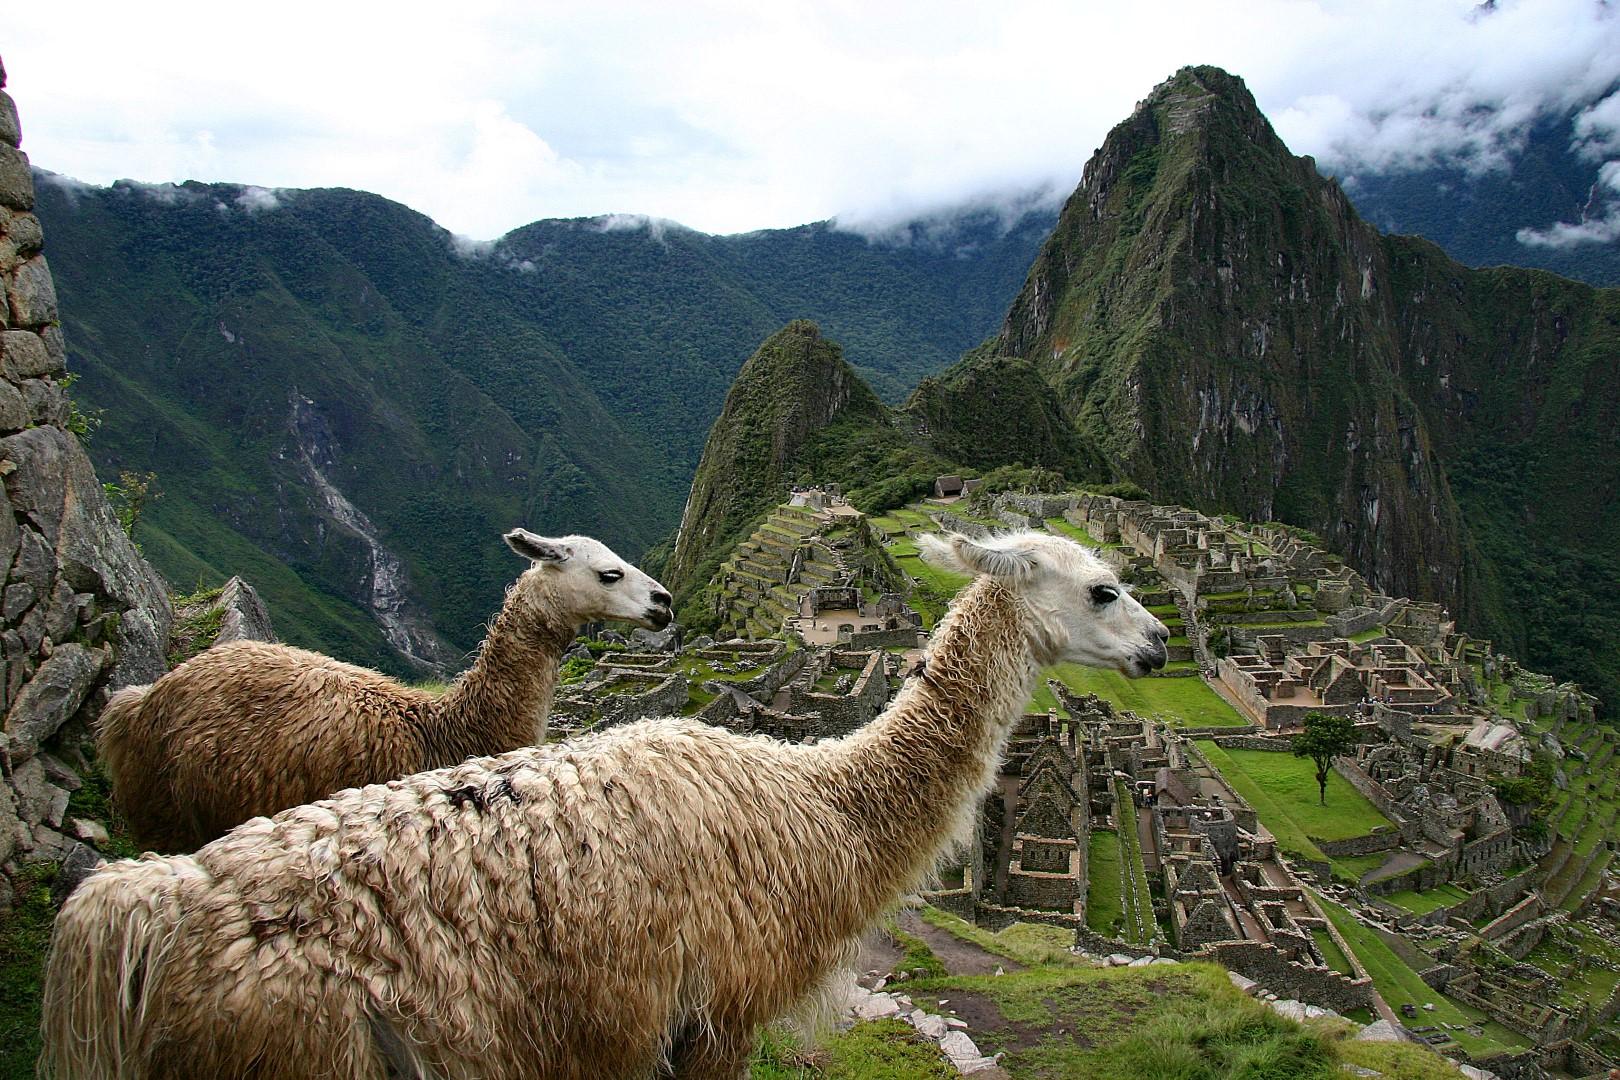 Перу-империята на инките, Еквадор и островите Галапагос